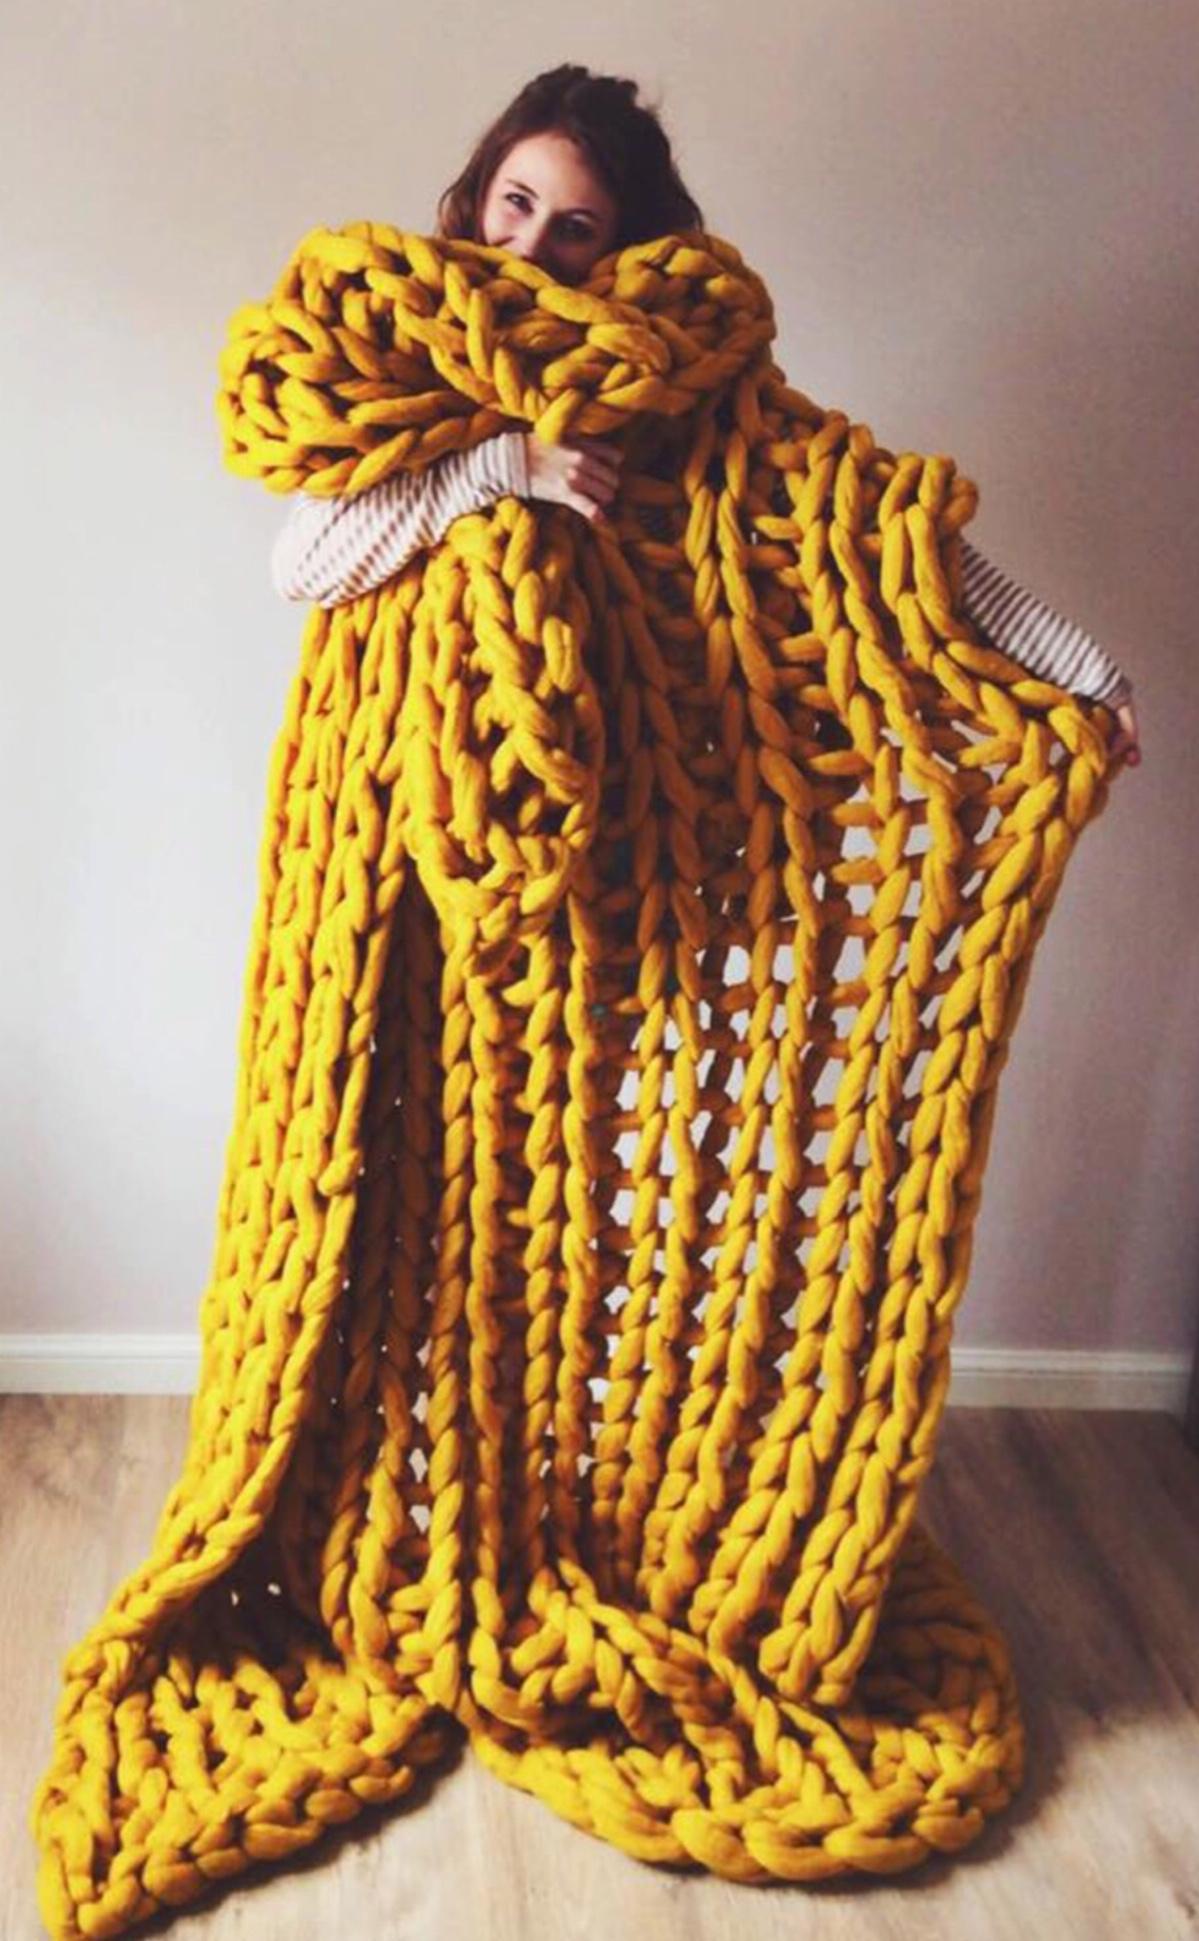 16 Chunky Knit Blanket Patterns The Funky Stitch